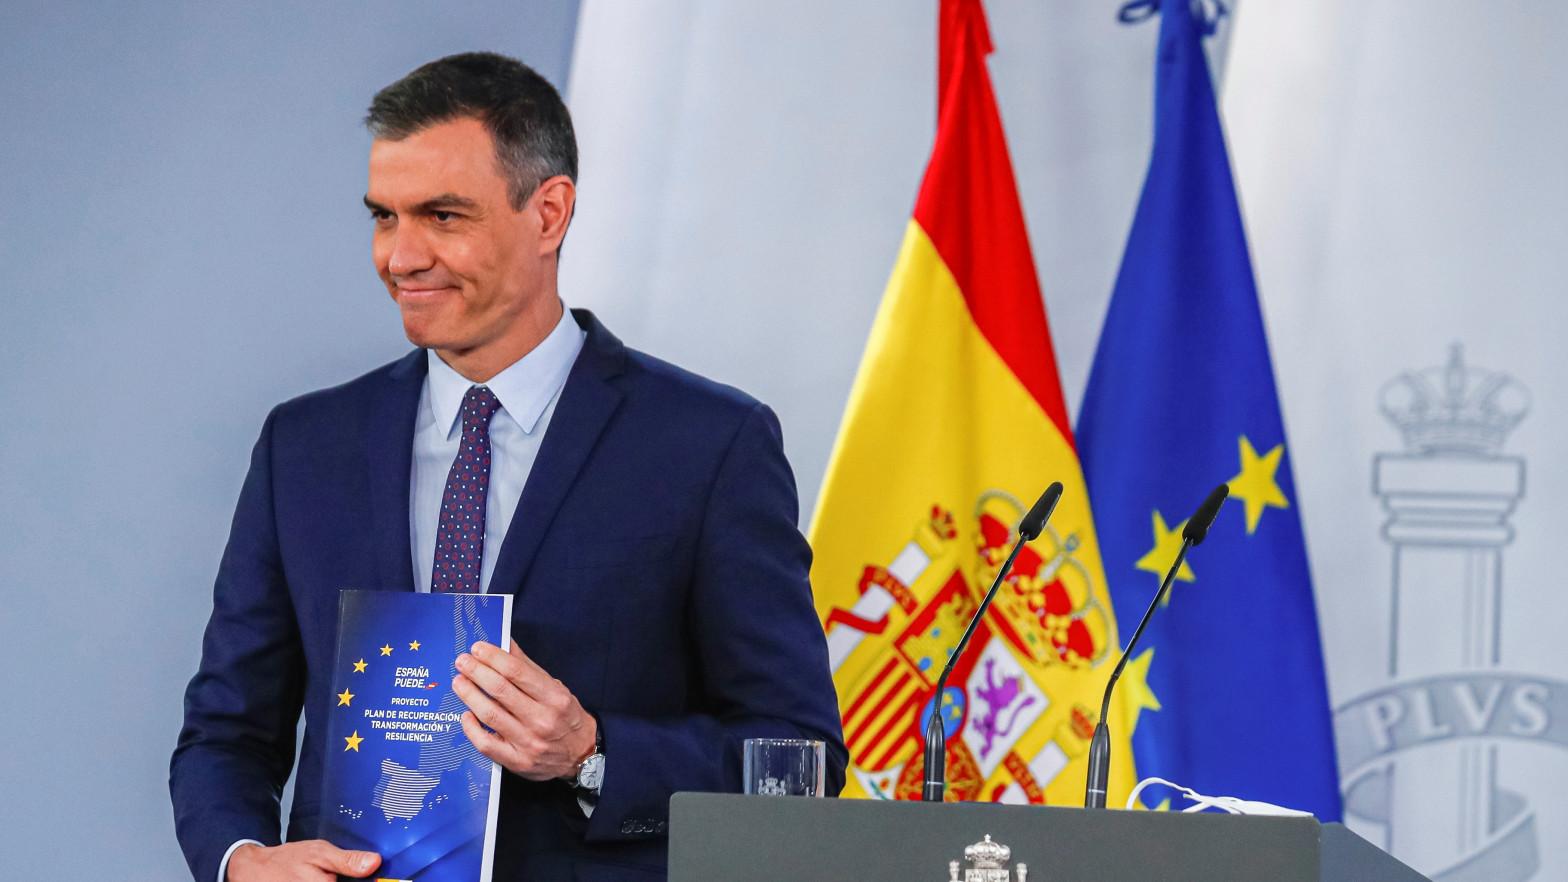 Sánchez anuncia 10 planes de inversión por 50.000 millones sin dar detalles